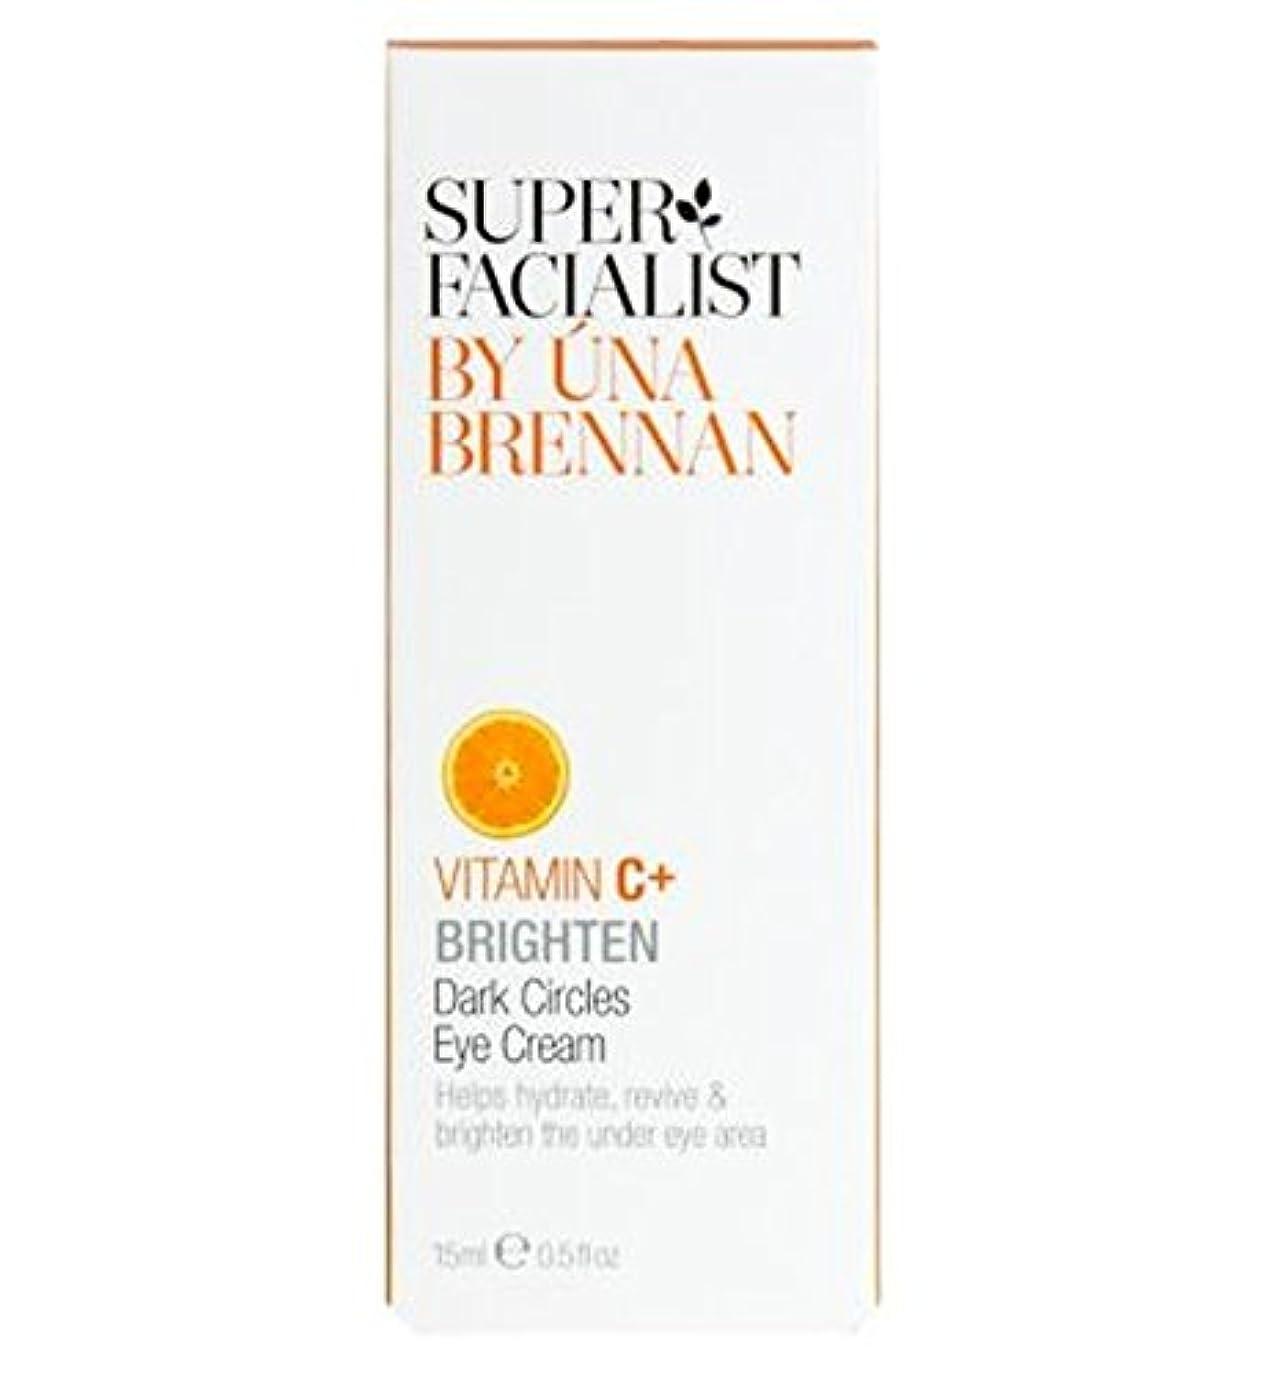 明快衝突するバストSuperfacialist Vitamin C+ Dark Circles Eye Cream 15ml - SuperfacialistビタミンC +くまアイクリーム15ミリリットル (Superfacialist)...